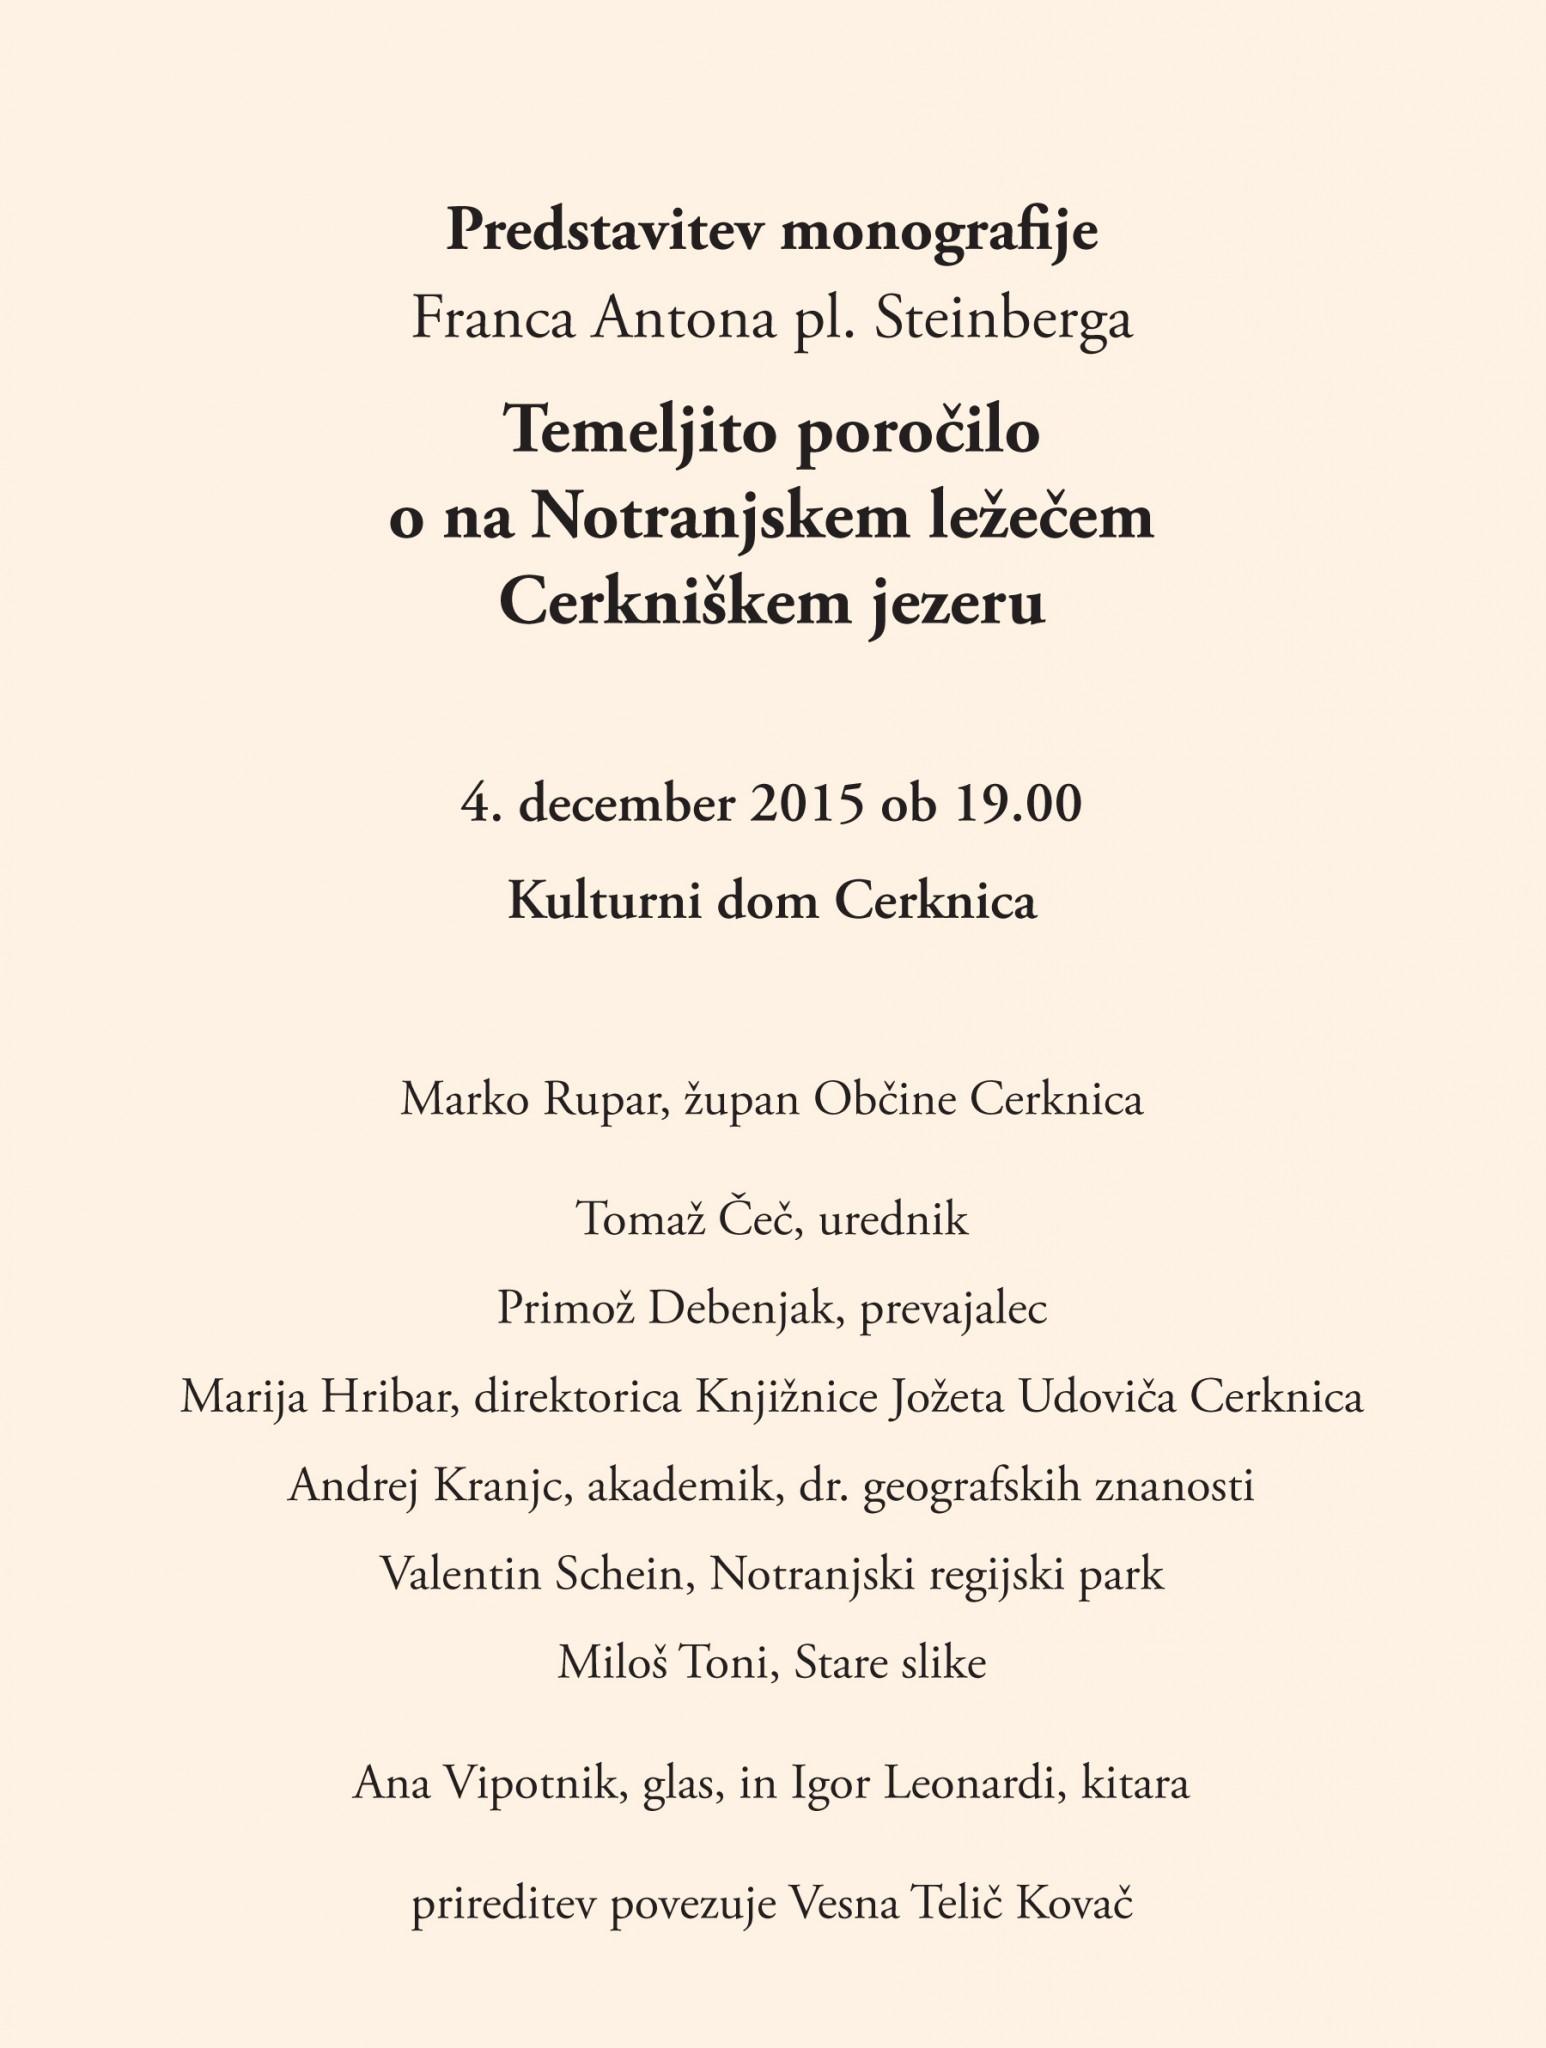 vabilo 3 - Predstavitev monografije Franca Antona pl. Steinberga Temeljito poročilo o na Notranjskem ležečem Cerkniškem jezeru